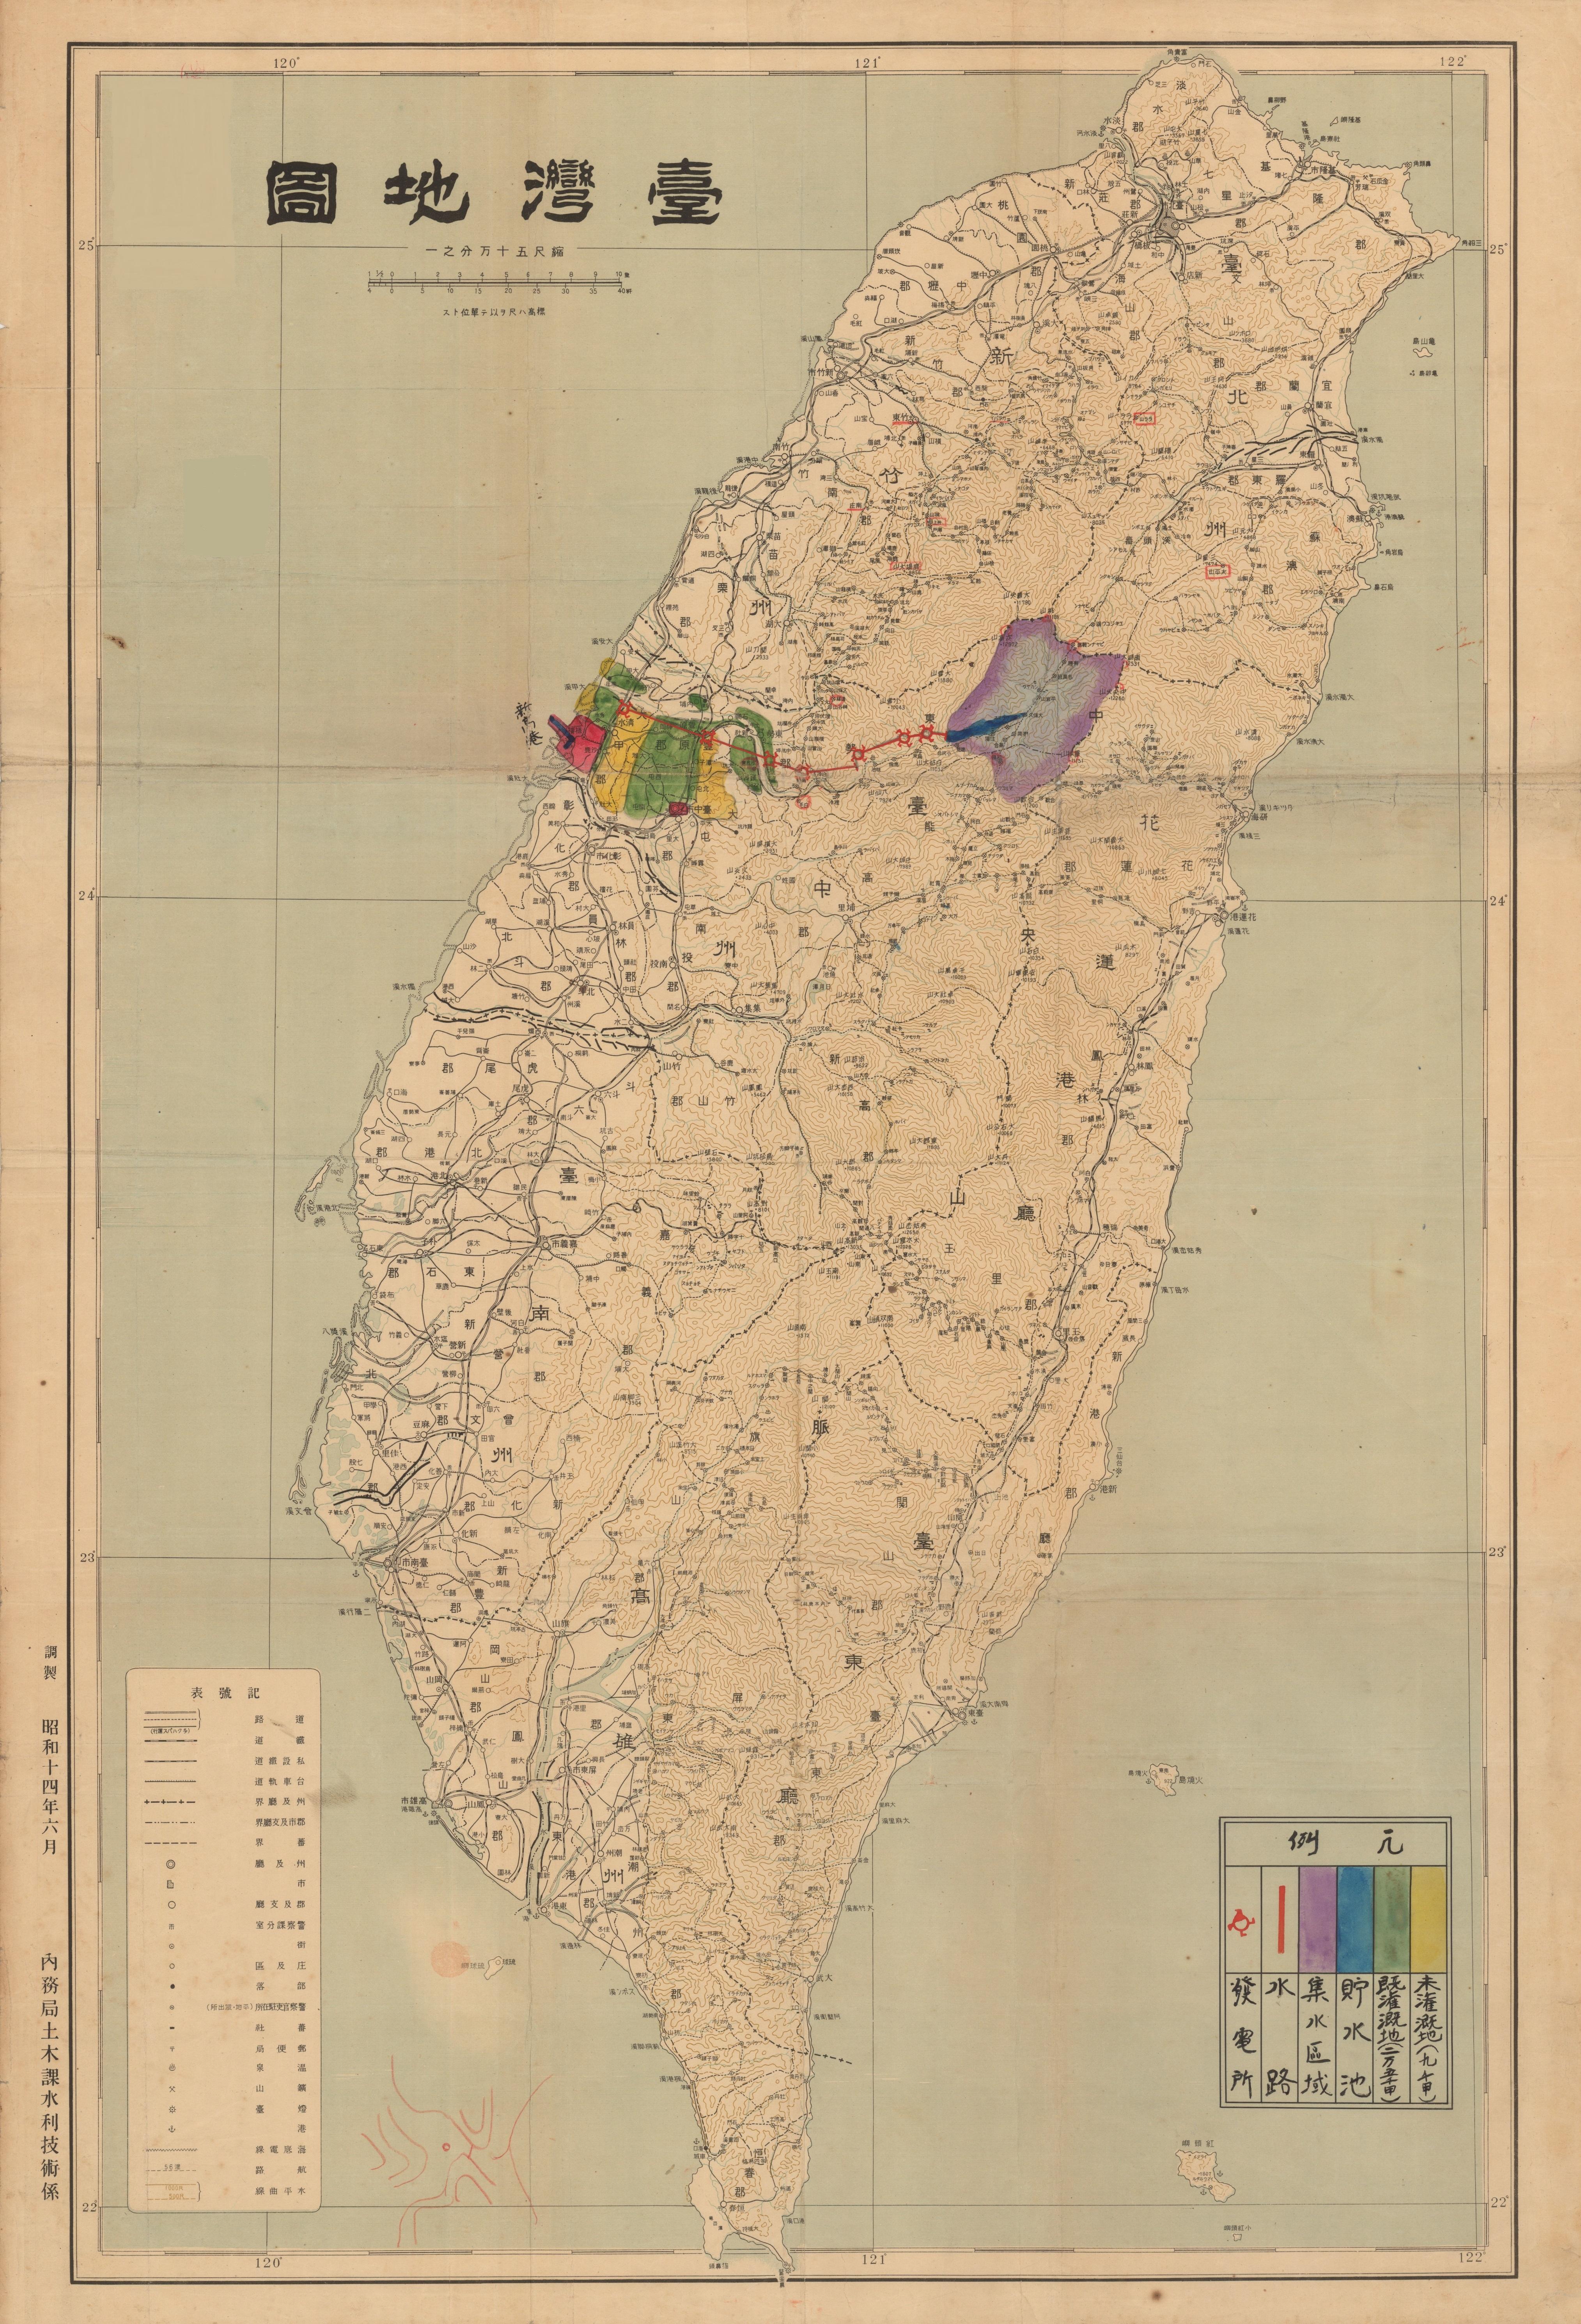 臺灣地圖 昭和14年(1939) 比例尺:50萬分之一